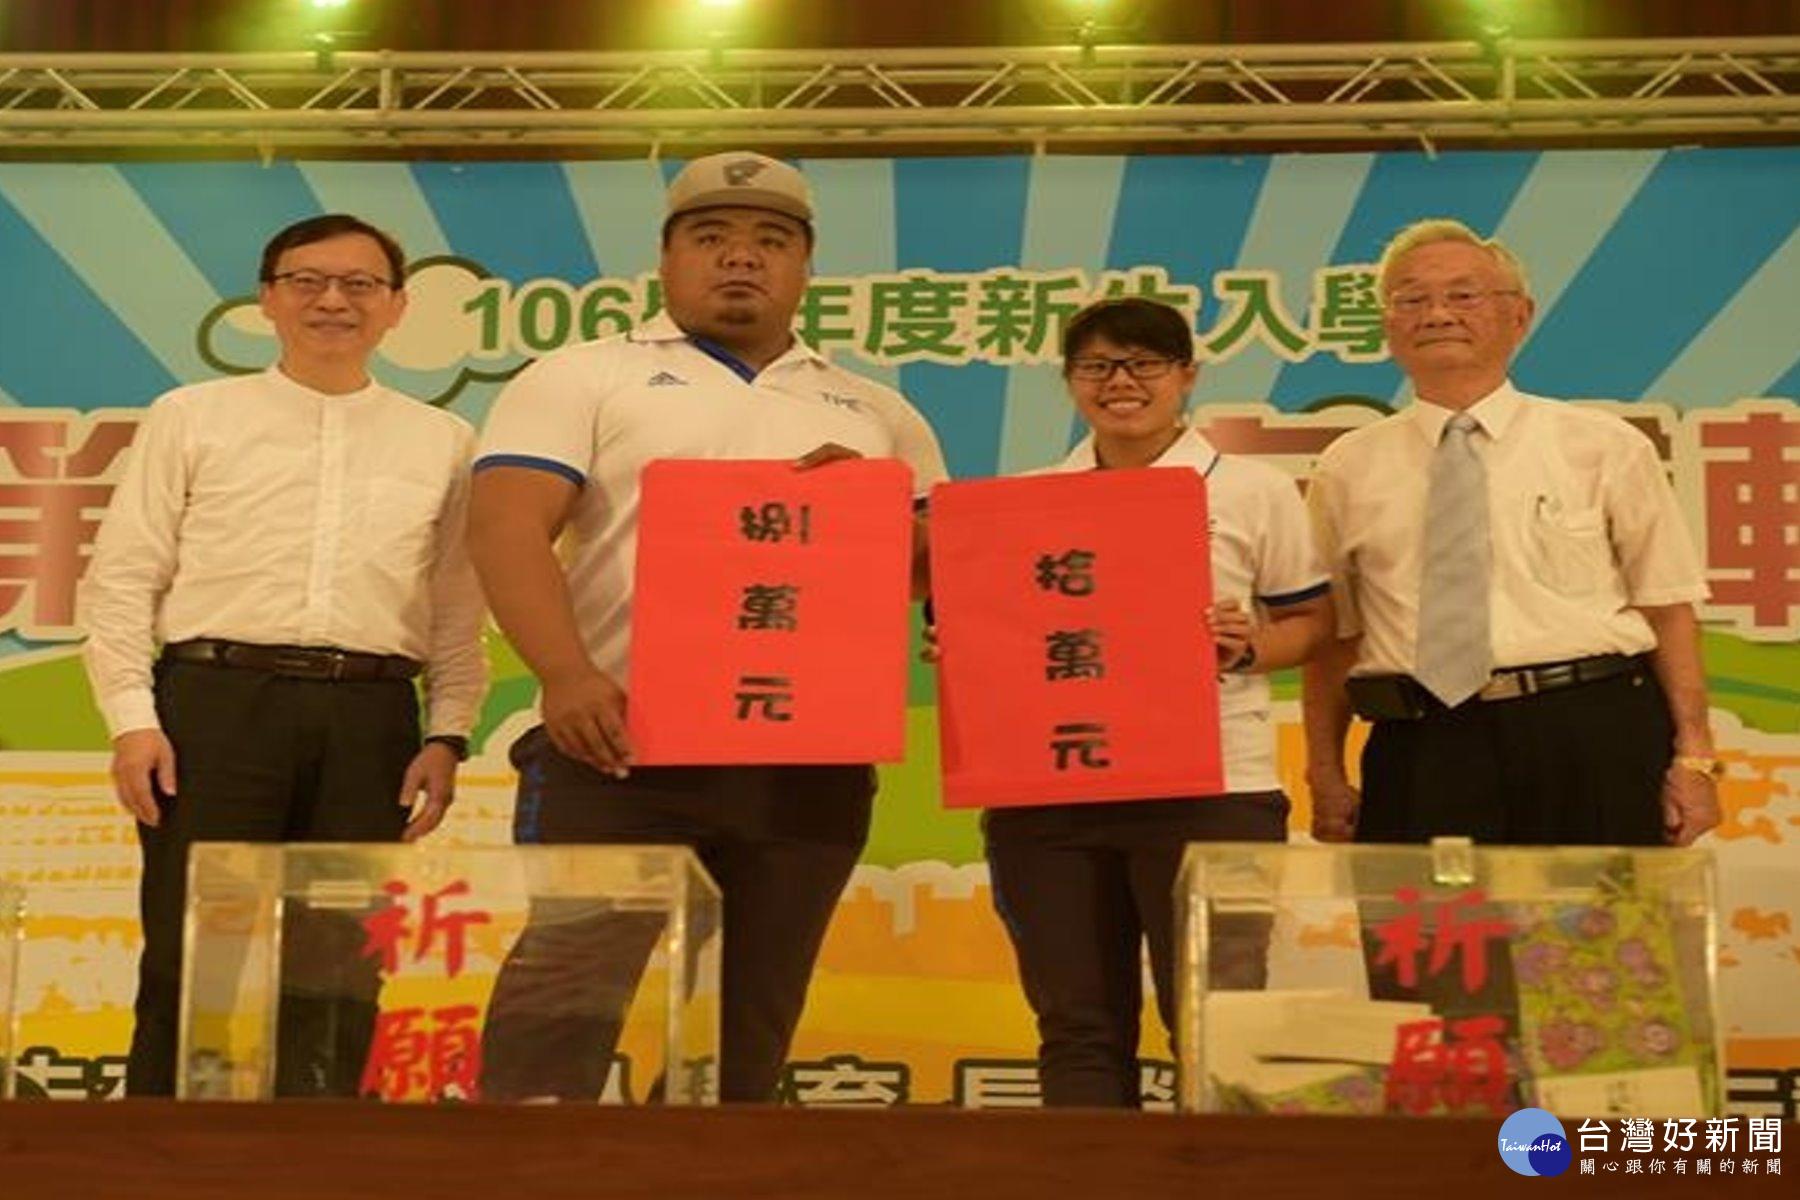 梁宣旼、陳士杰世大運奪牌 長榮大學頒18萬獎學金